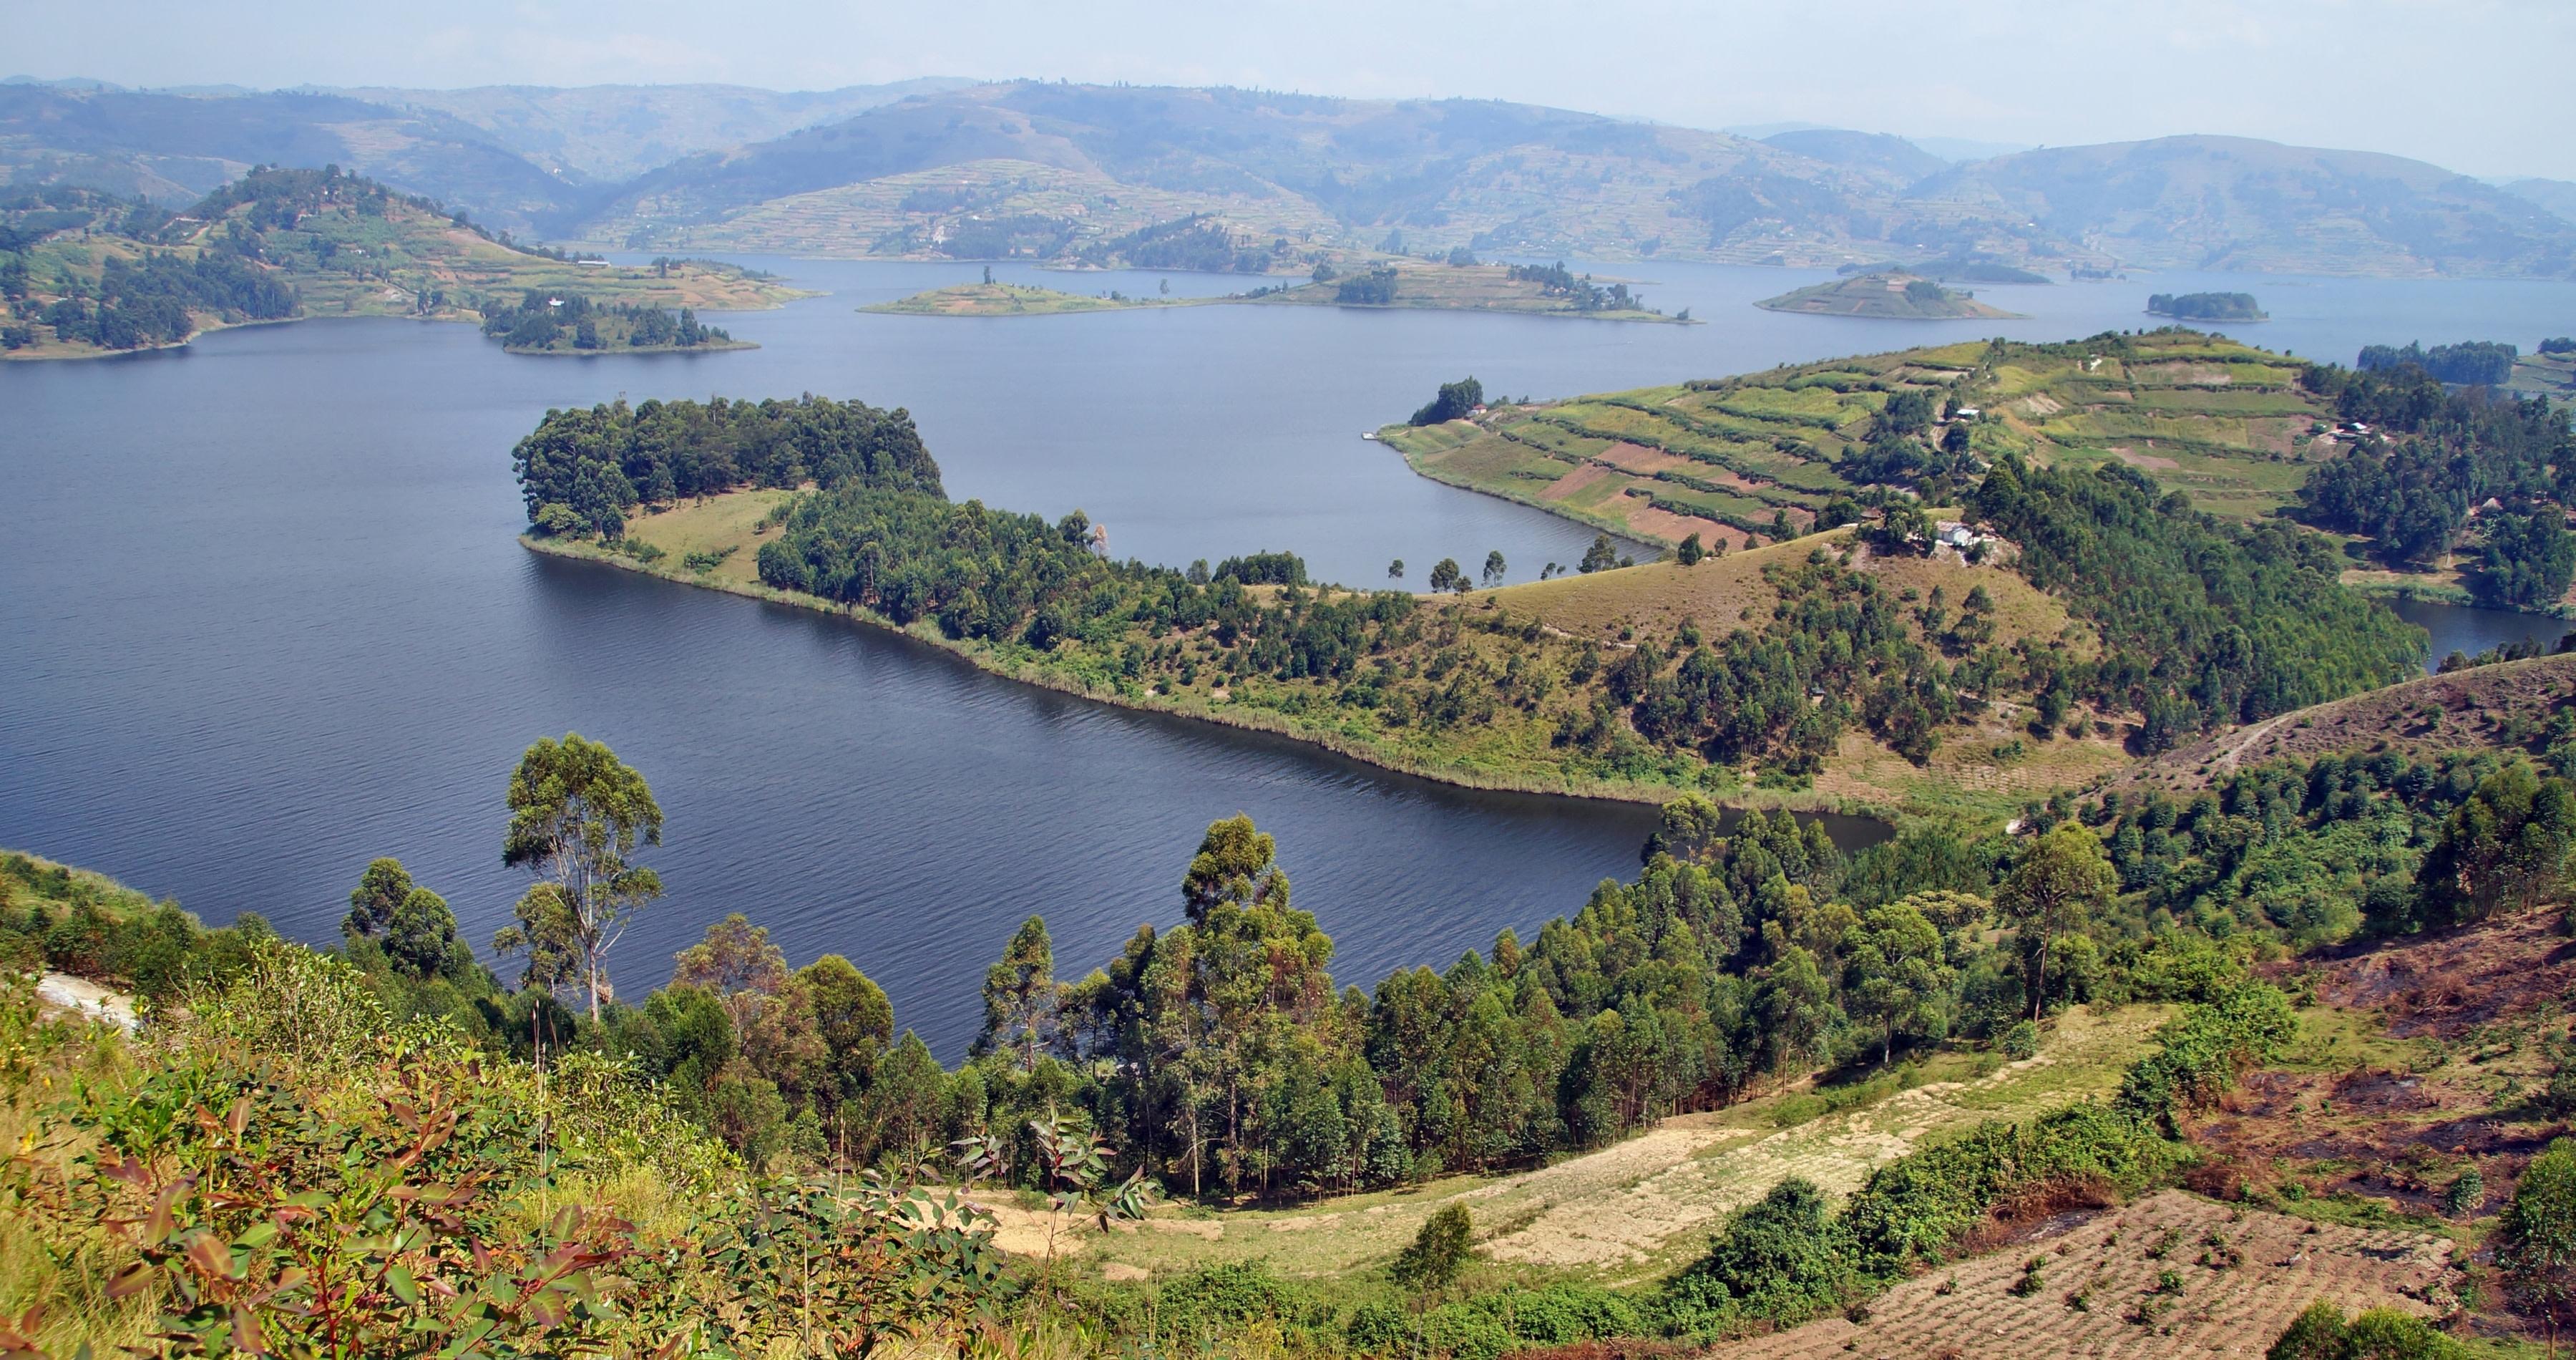 Peninsula on Lake Bunyonyi in Uganda, Africa - Uganda travel guide